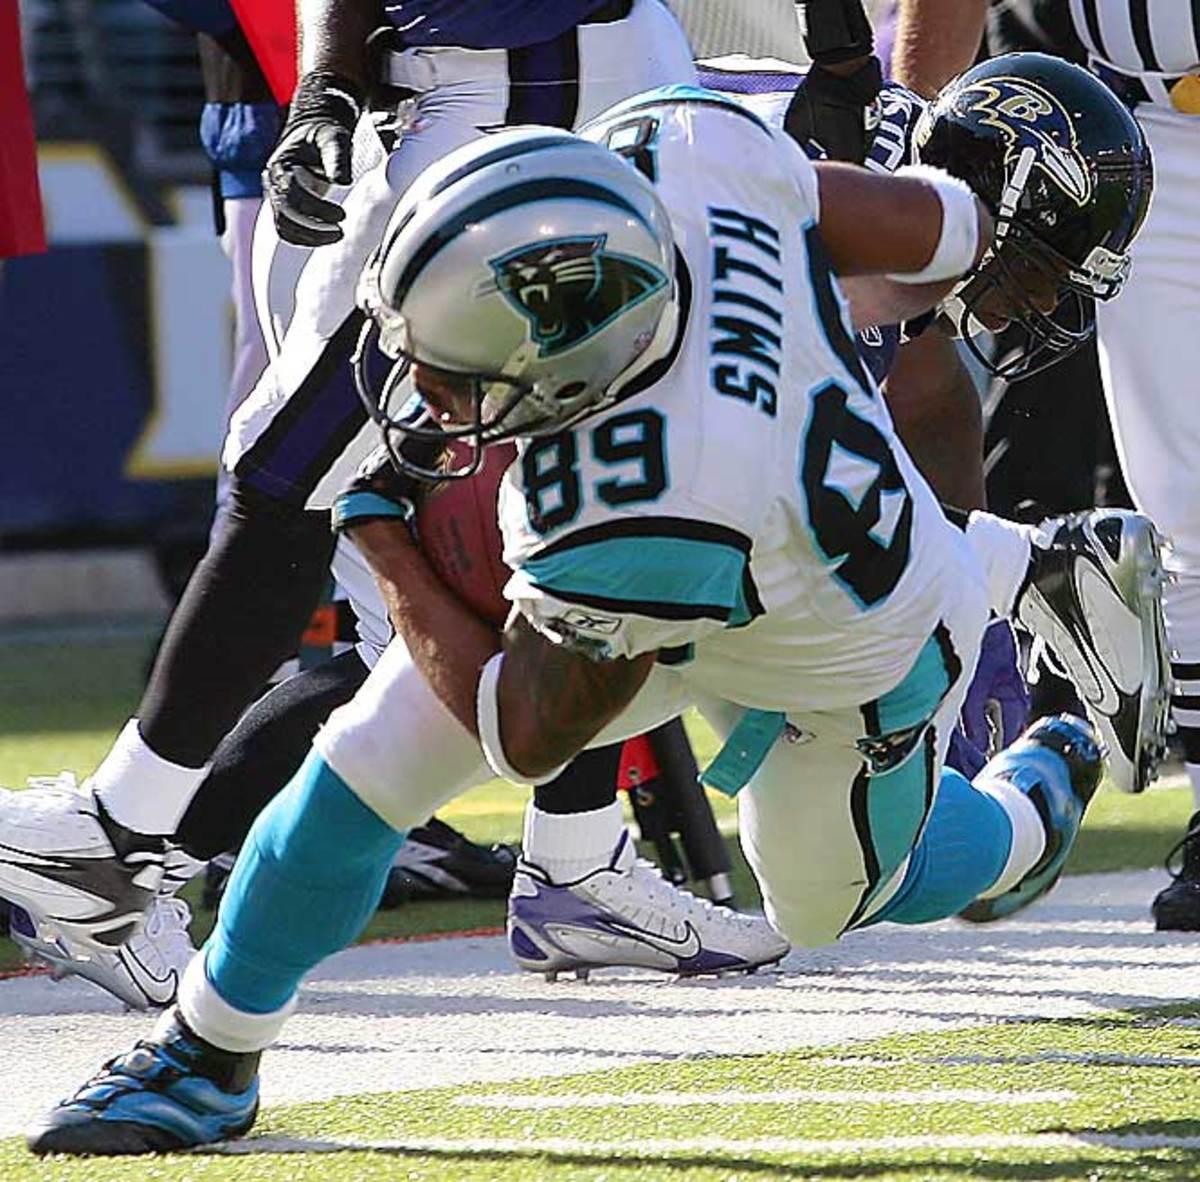 Panthers 23, Ravens 21